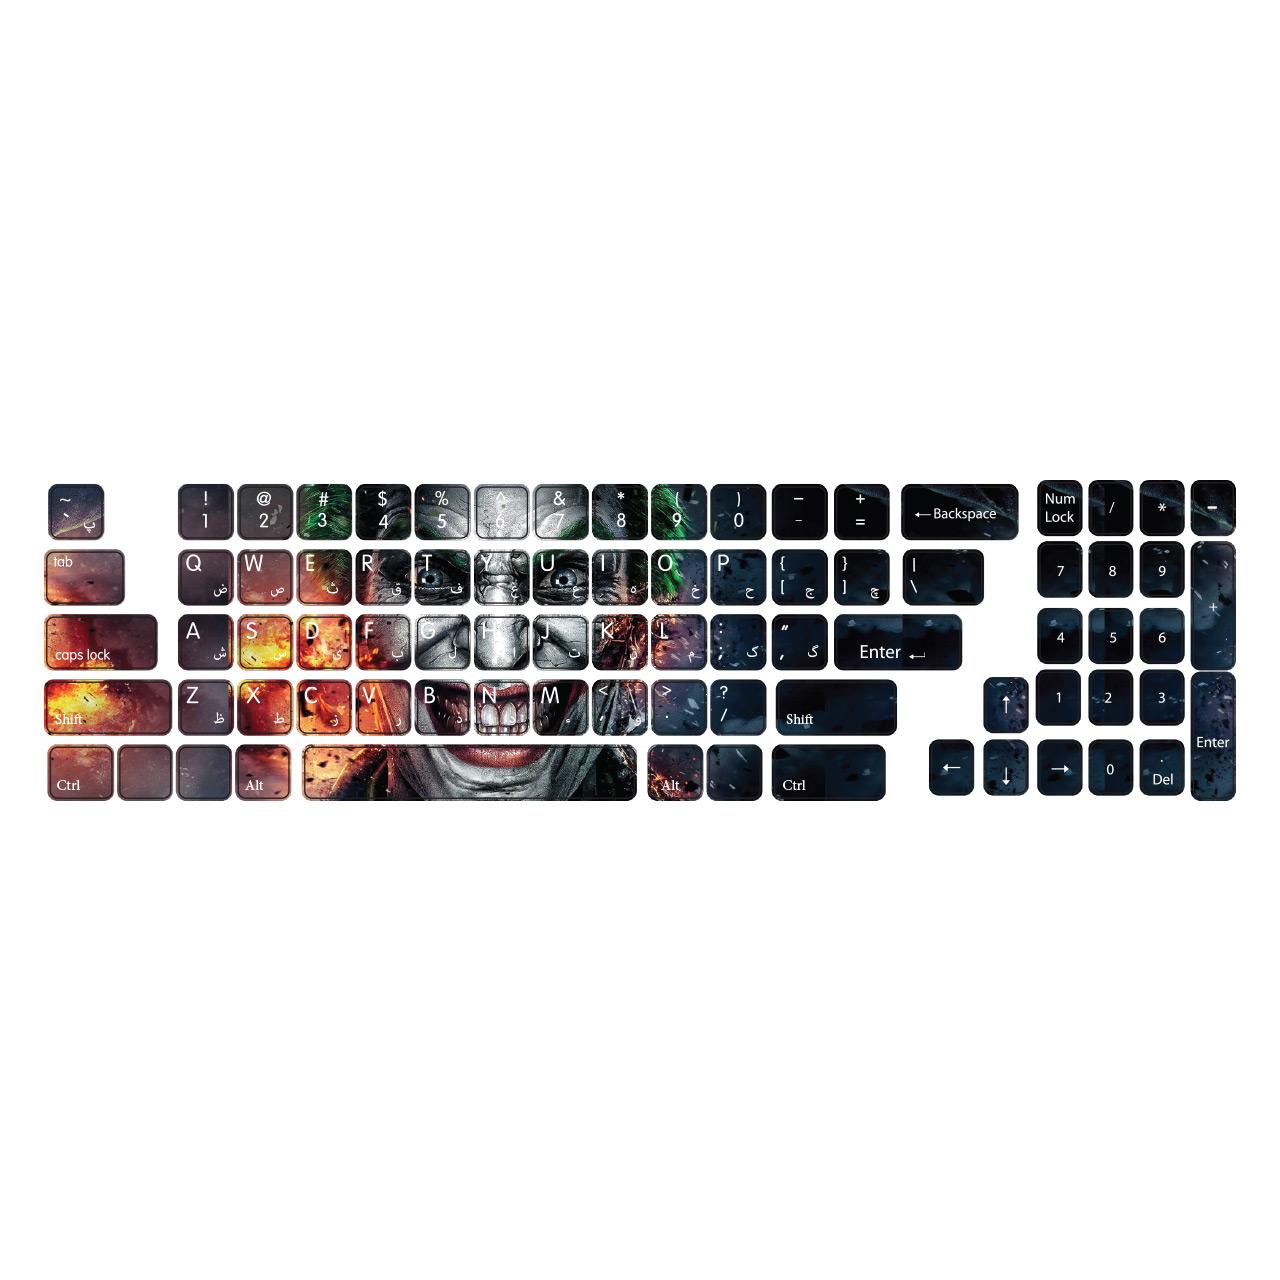 برچسب  حروف فارسی کیبورد گراسیپا طرح Ghost  کد ۱۱۰